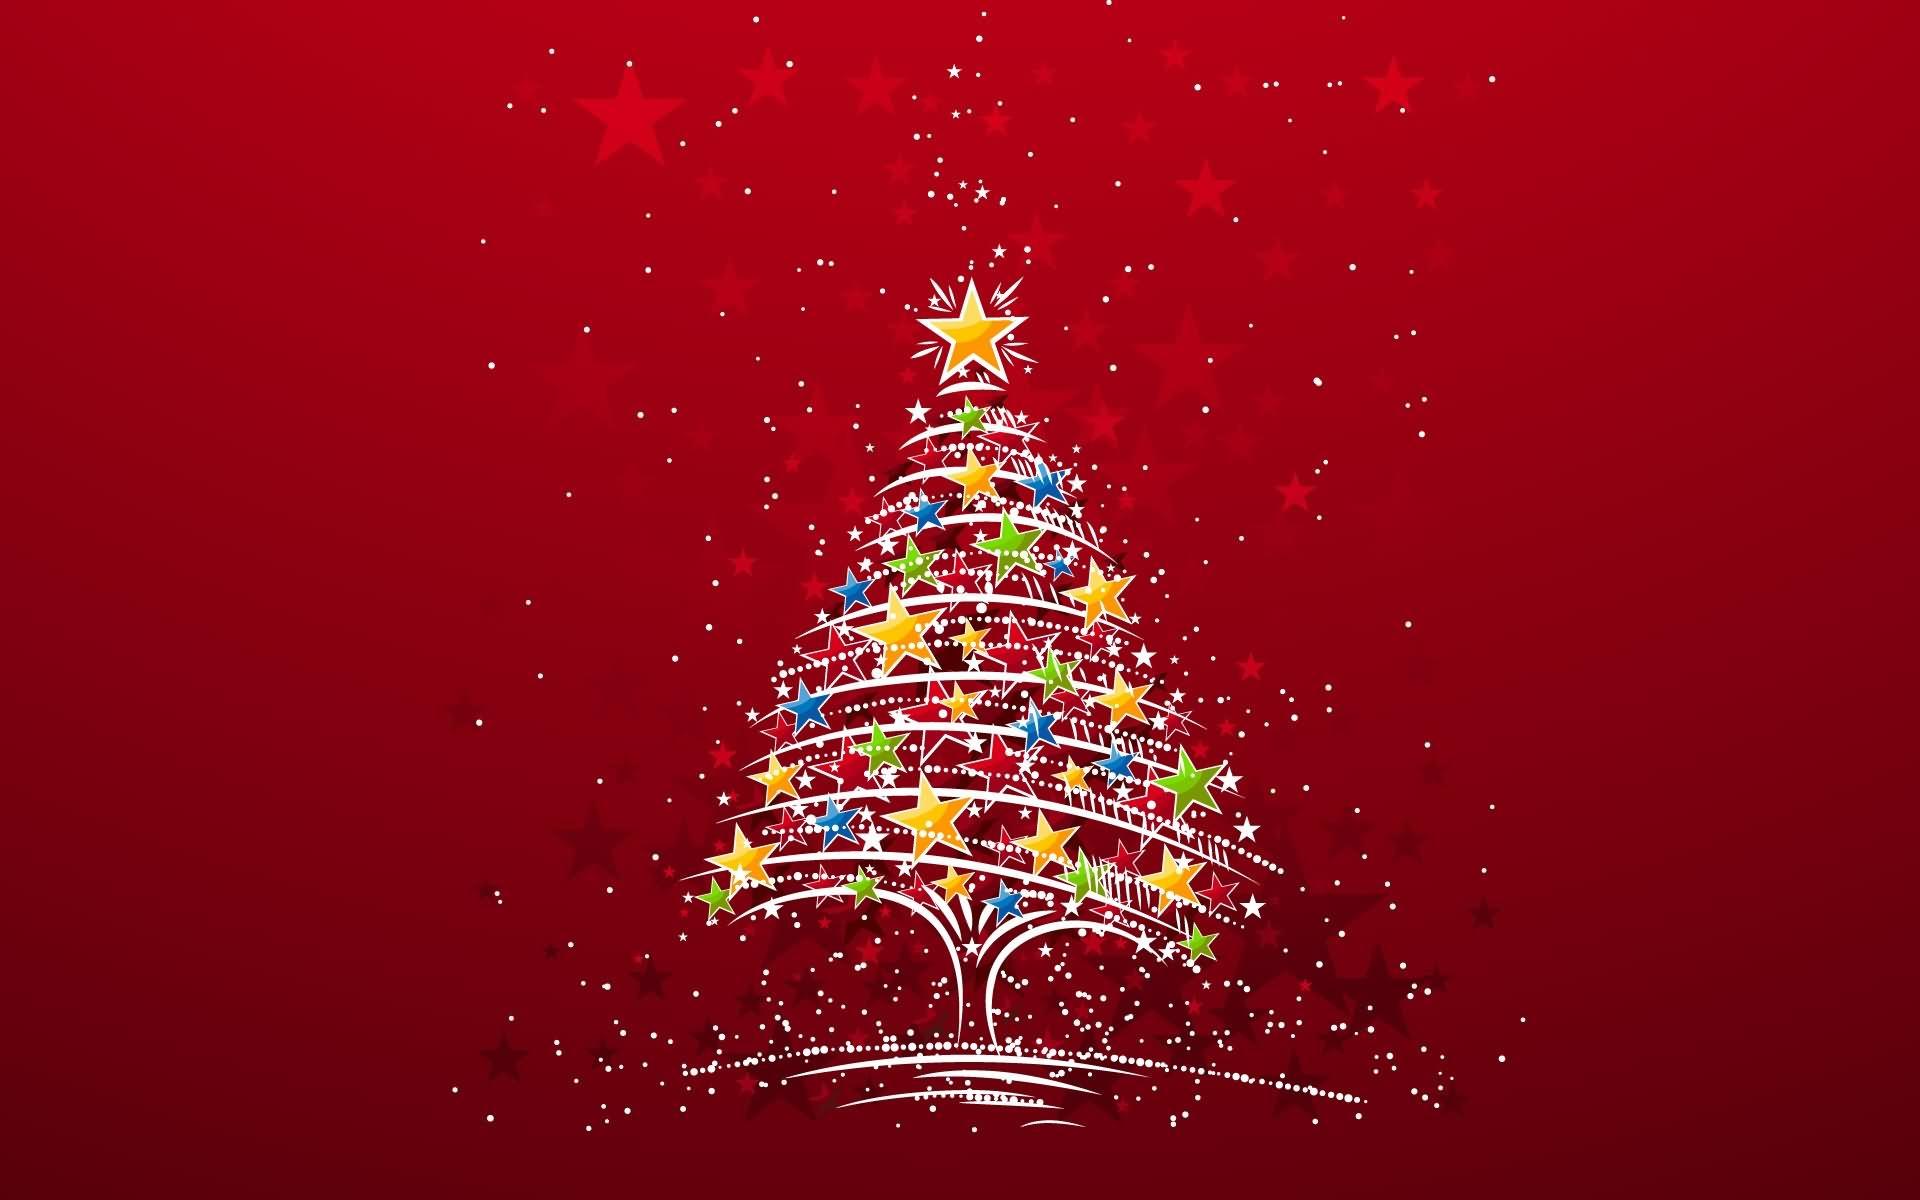 Bildergebnis für christmas tree images hd